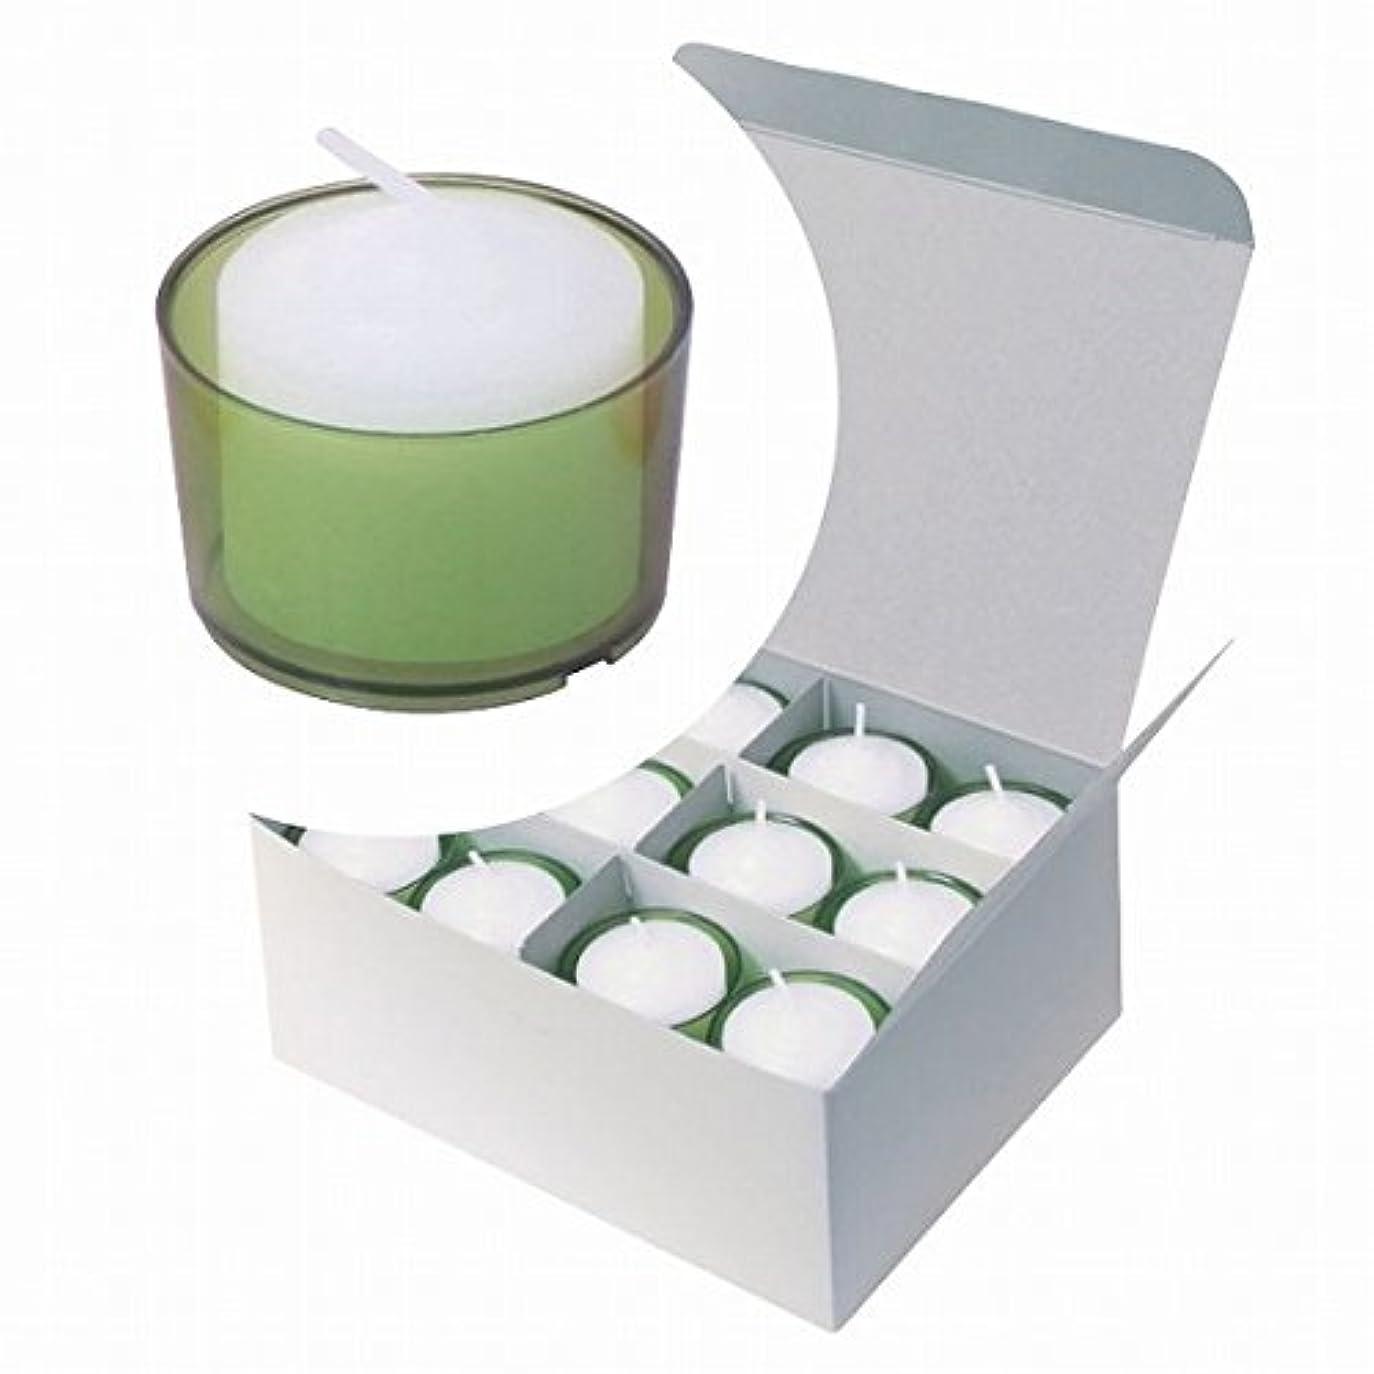 怖いチャップ検出カメヤマキャンドル(kameyama candle) カラークリアカップボーティブ6時間タイプ 24個入り 「 グリーン 」